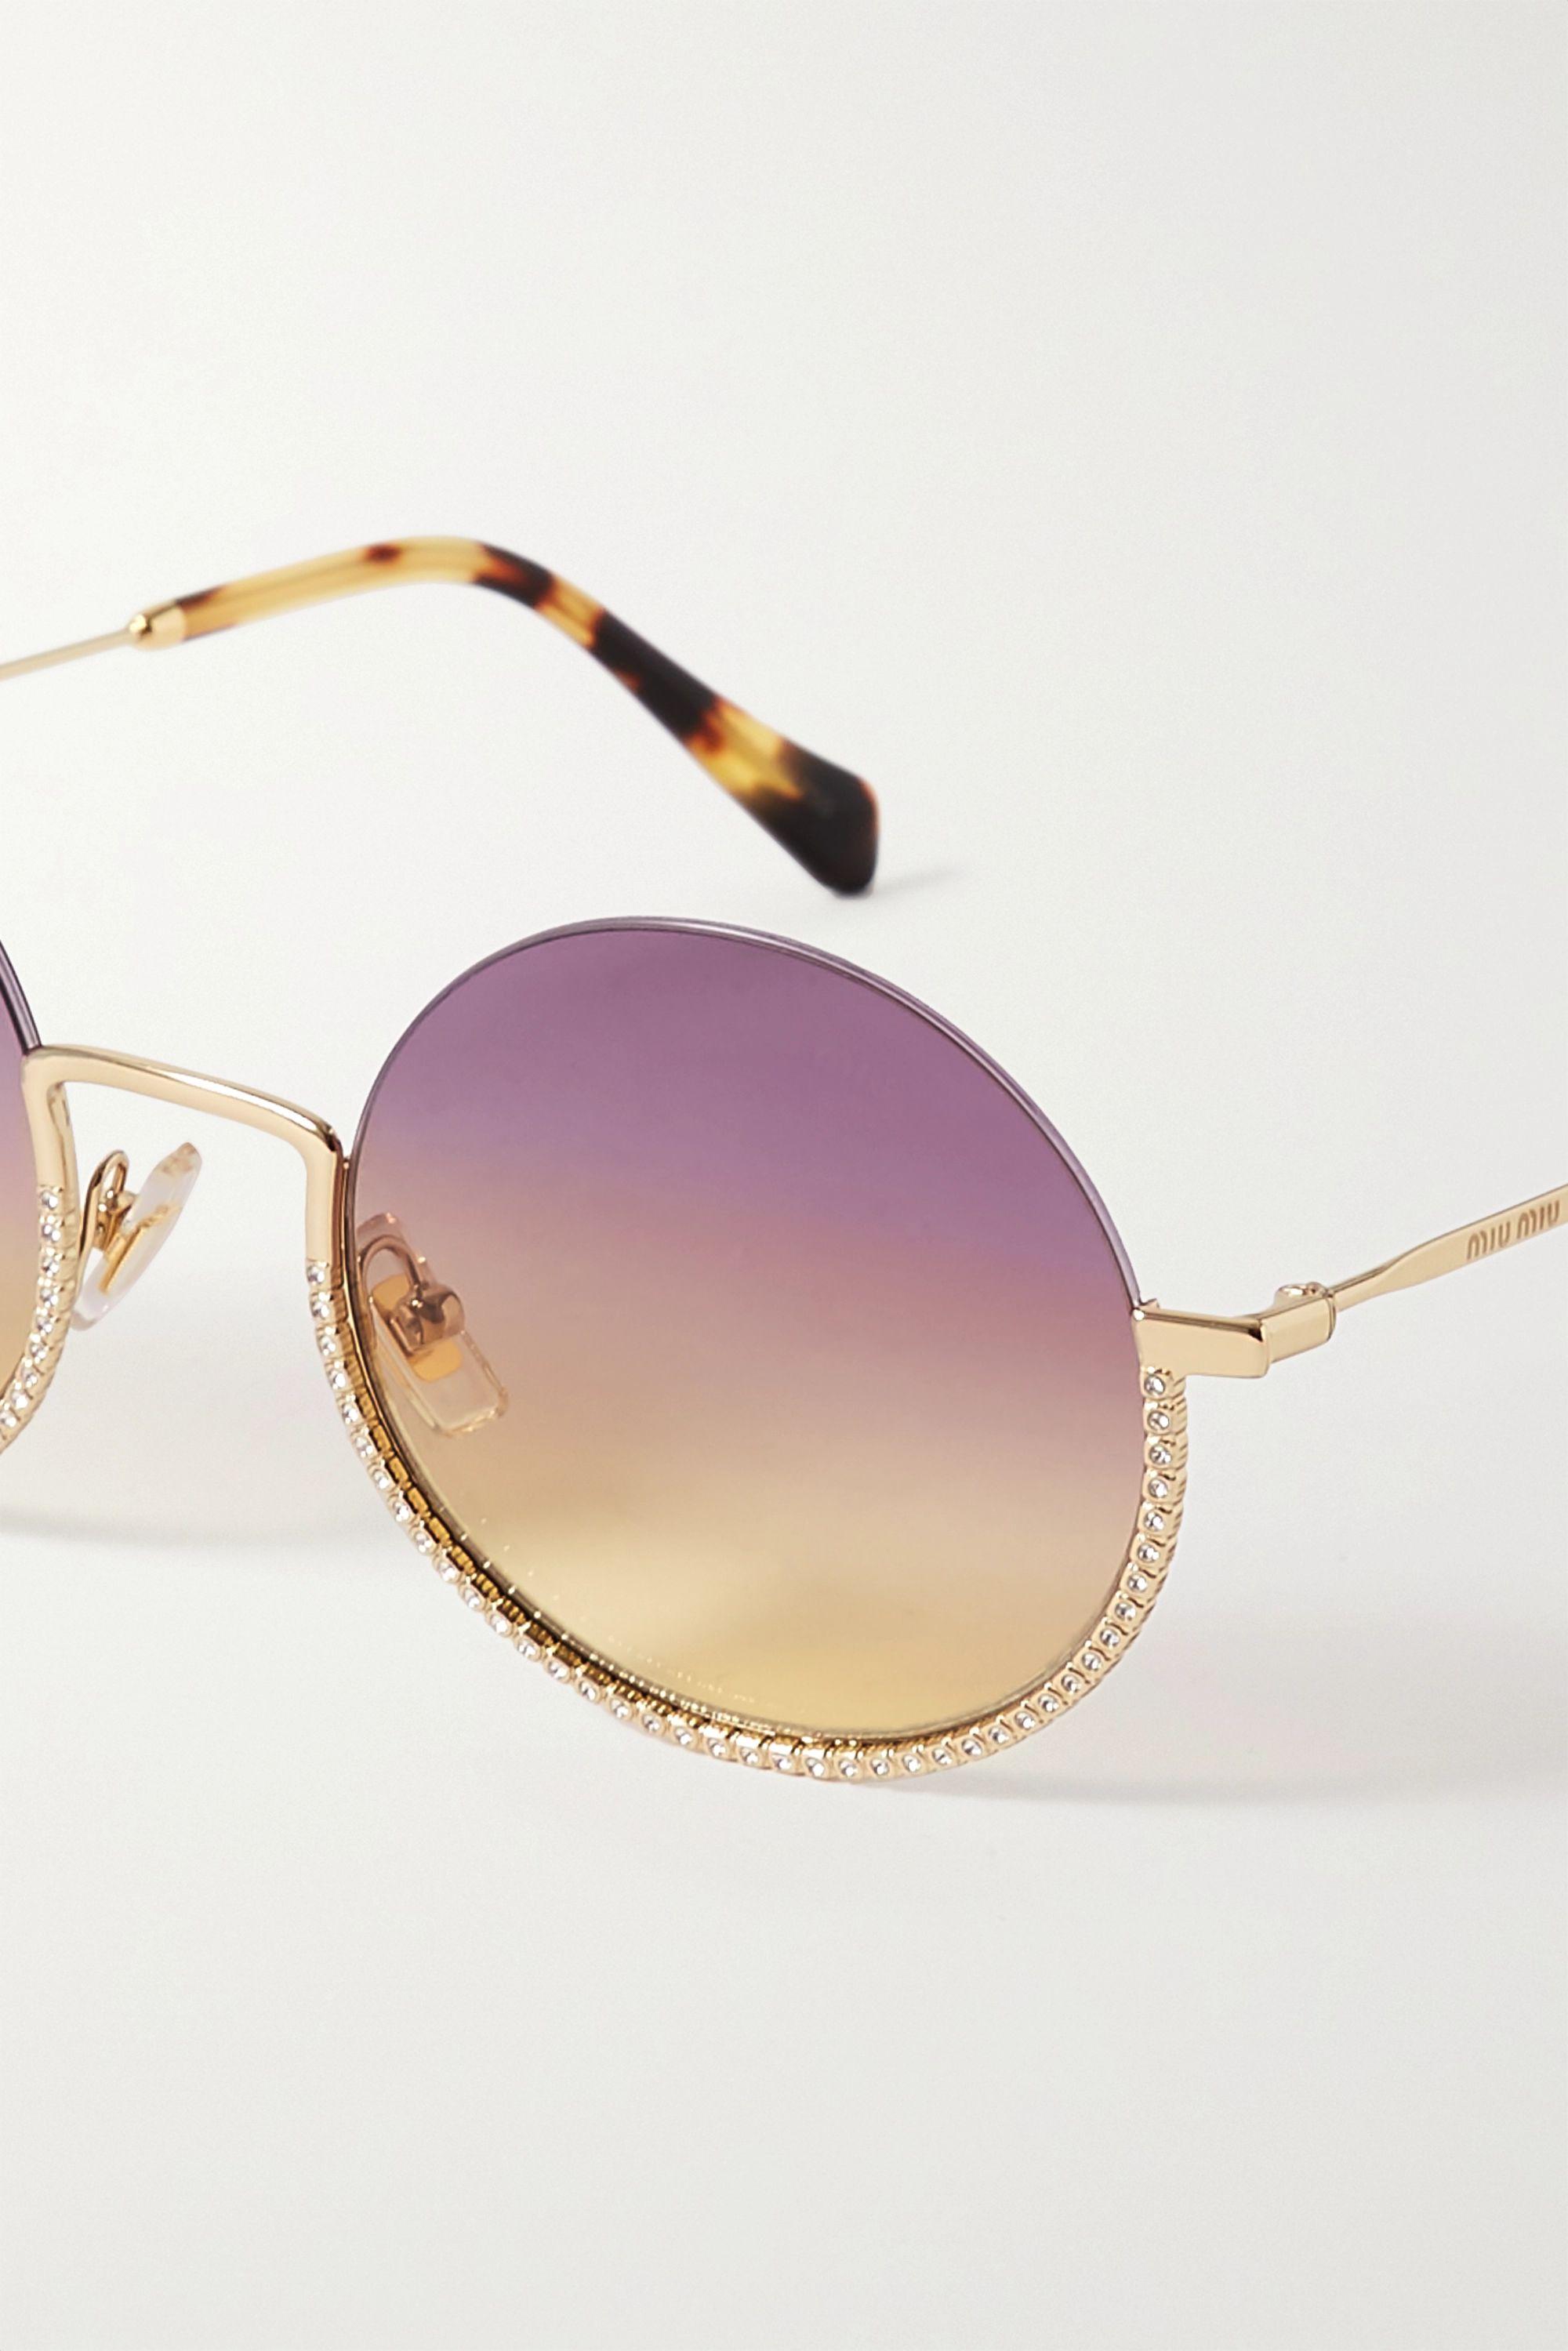 Miu Miu Eyewear Goldfarbene Sonnenbrille mit rundem Rahmen, Kristallen und Details aus Azetat in Hornoptik